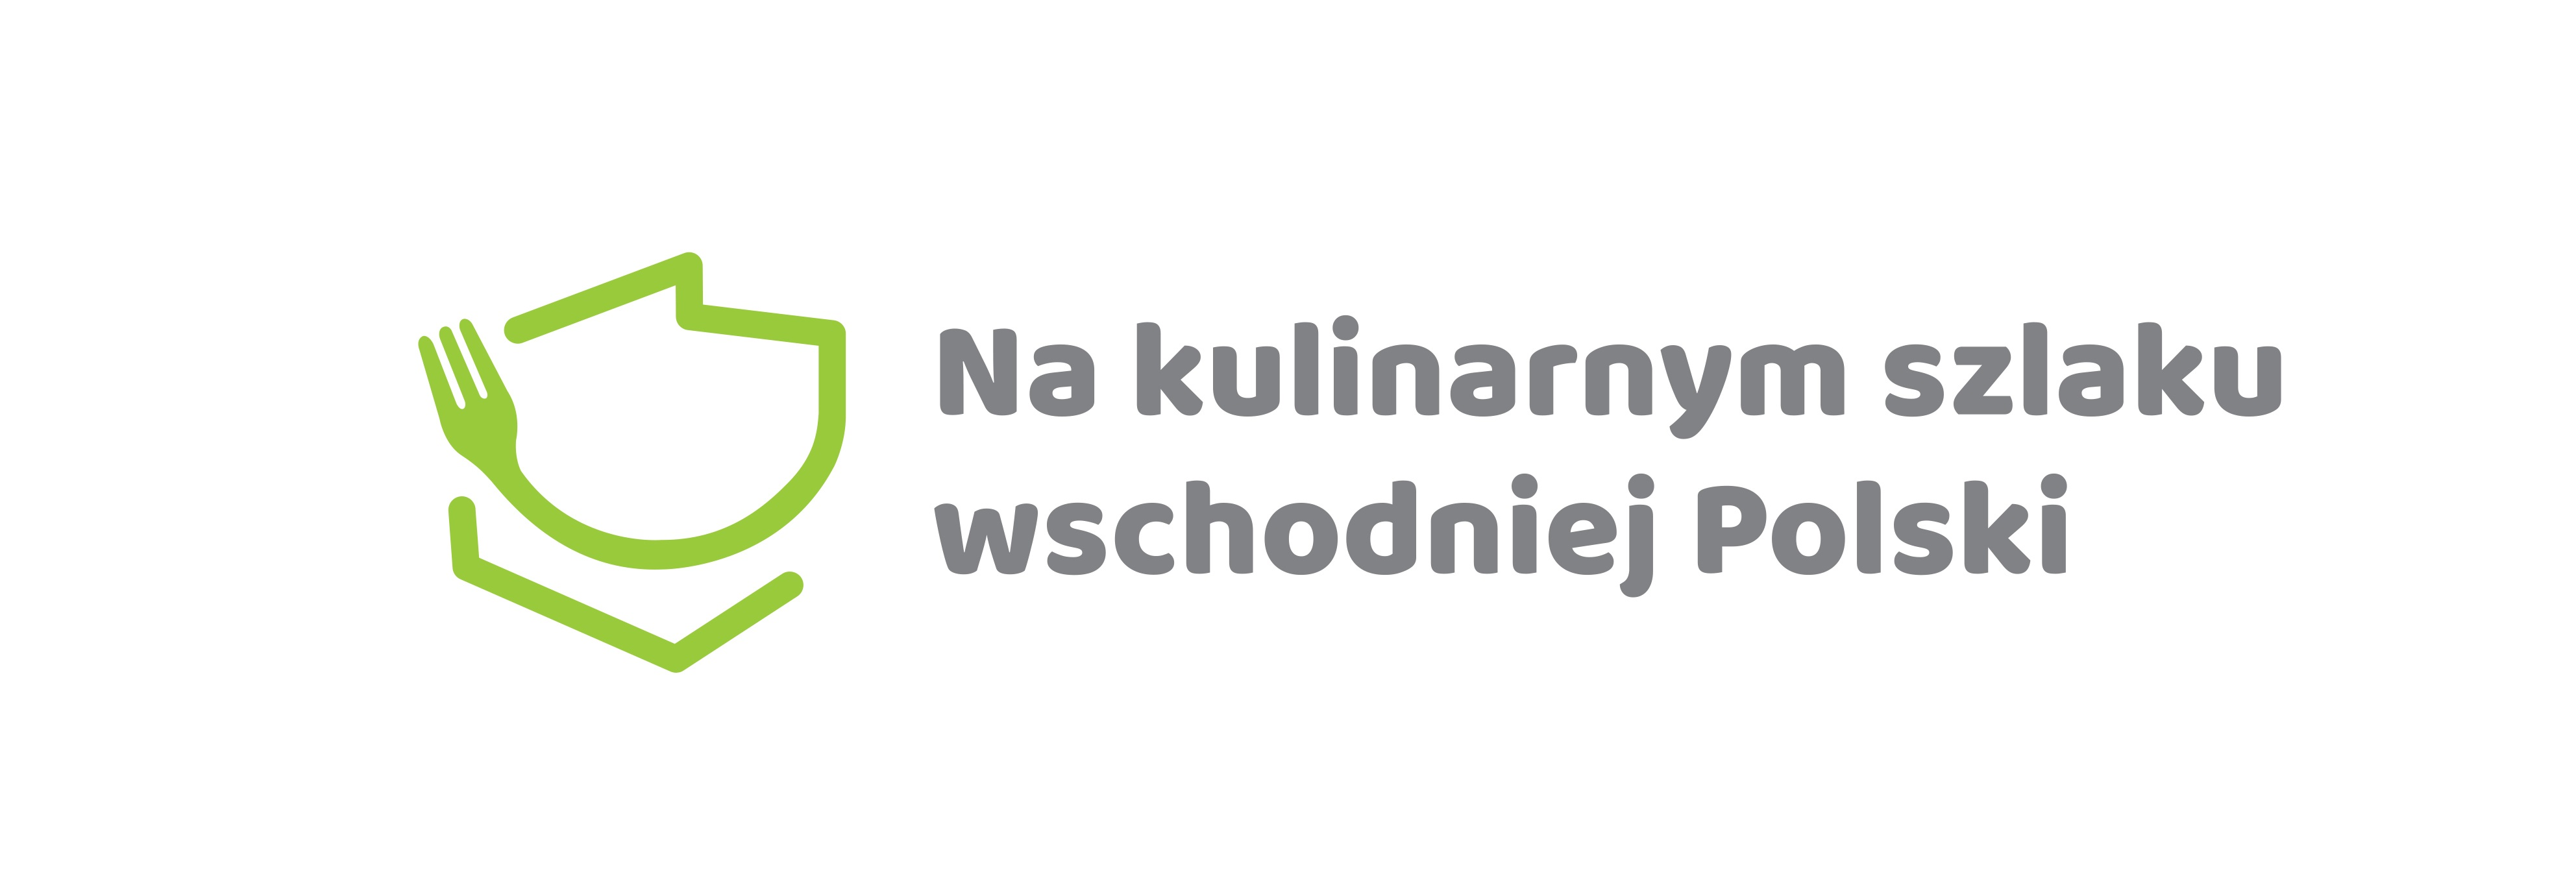 """Lublin: Pod CSK promują kuchnię regionalną. Trwa festyn """"Na kulinarnym szlaku wschodniej Polski"""" - Zdjęcie główne"""